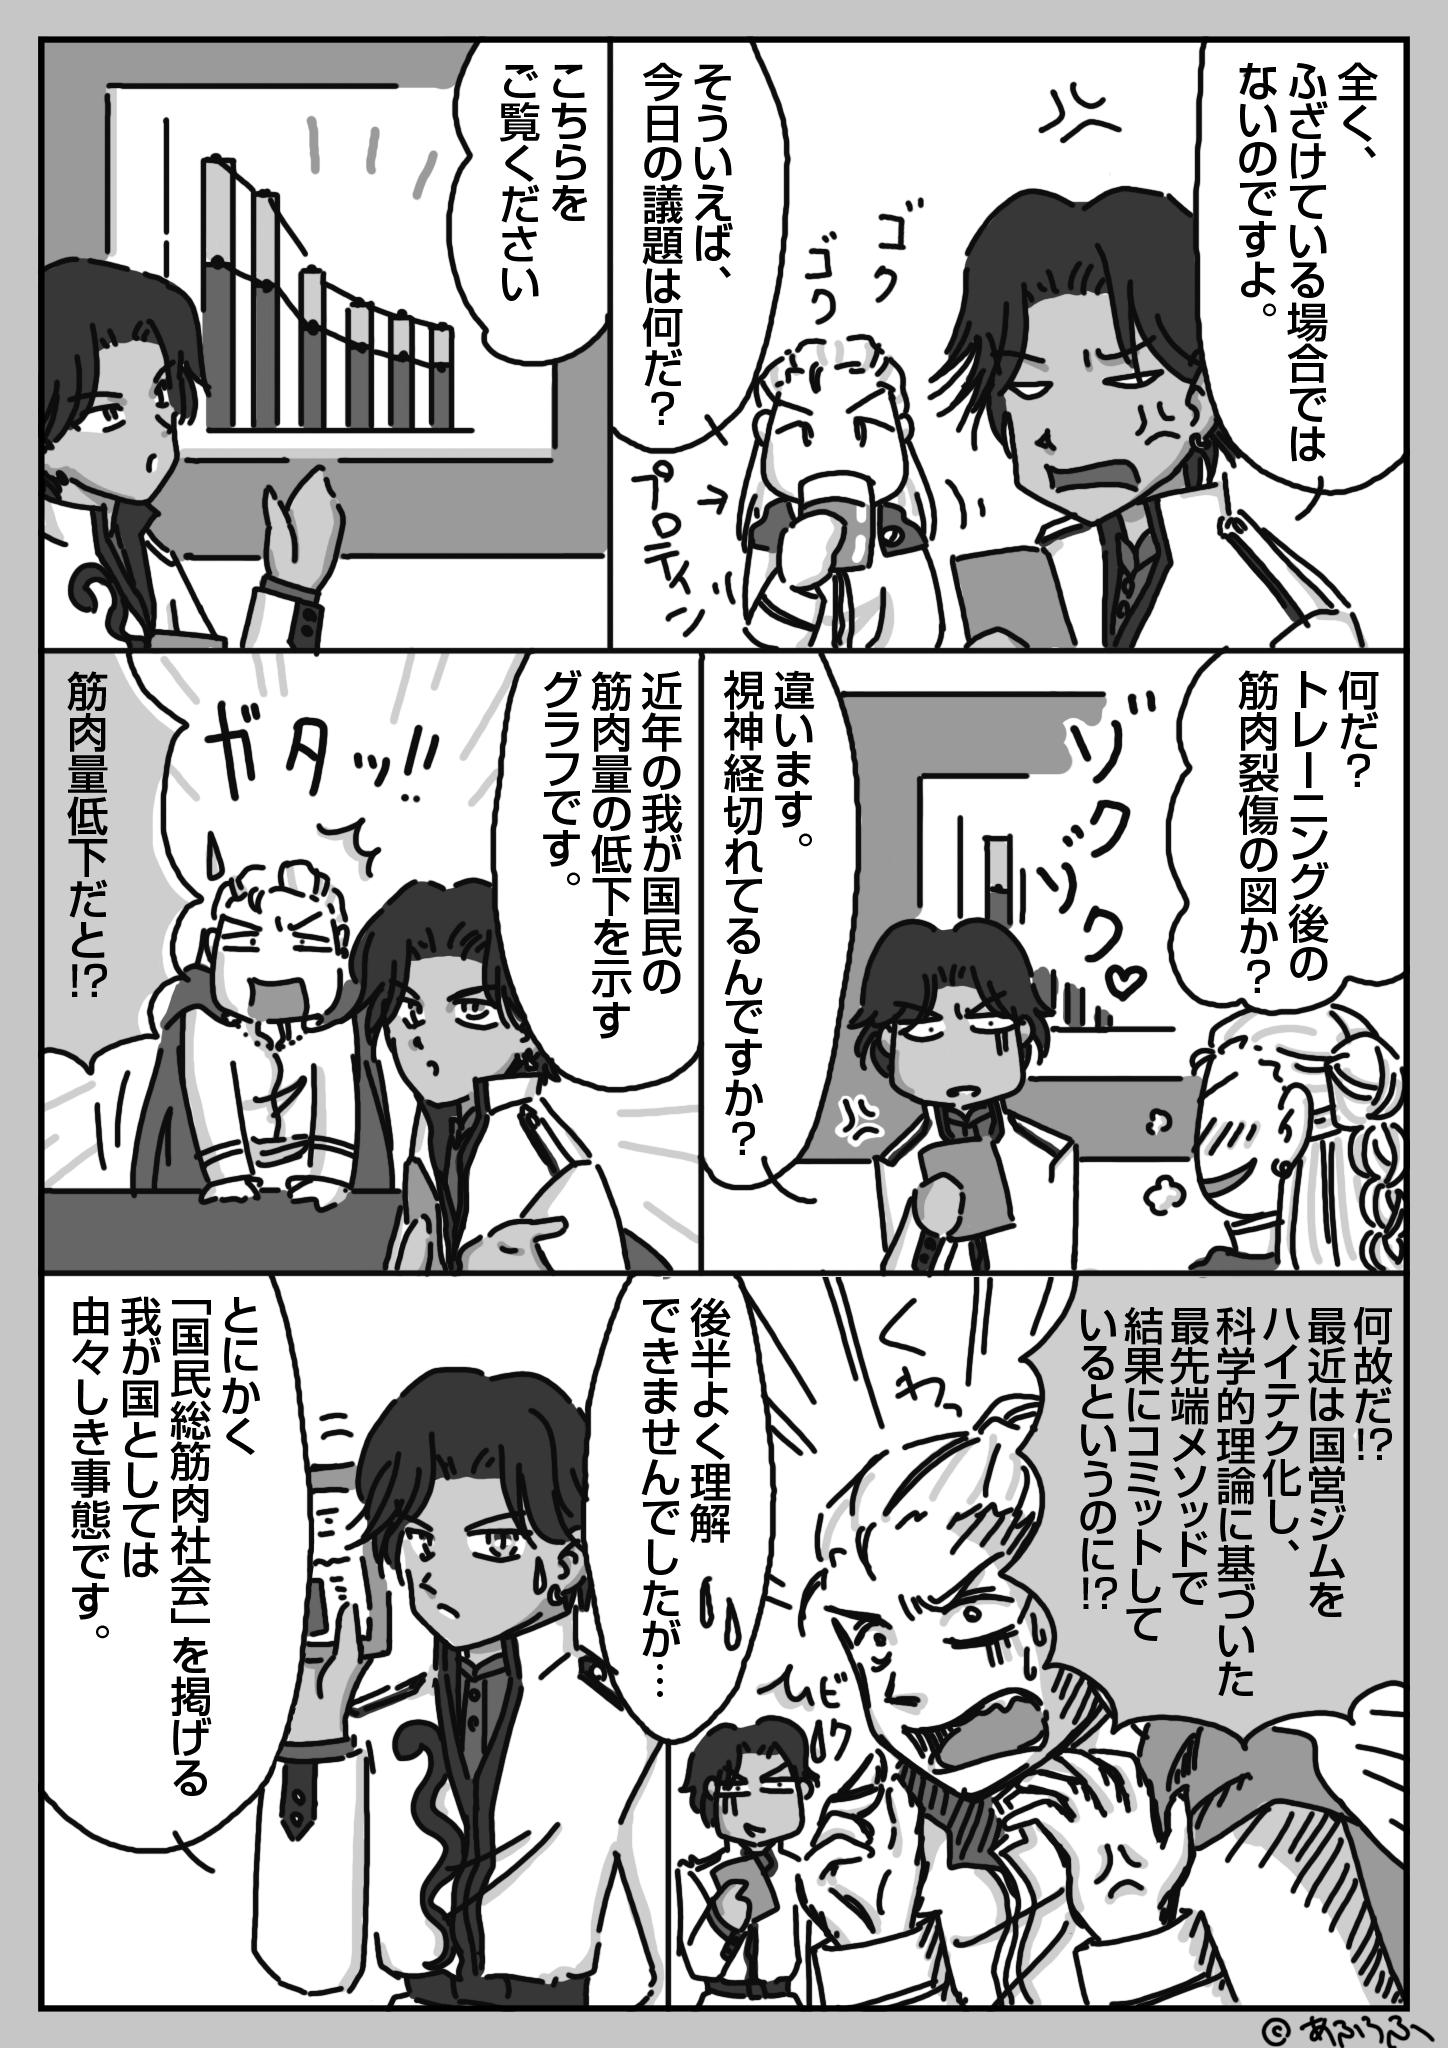 火の魔王とタピオカ入りプロテイン (4)